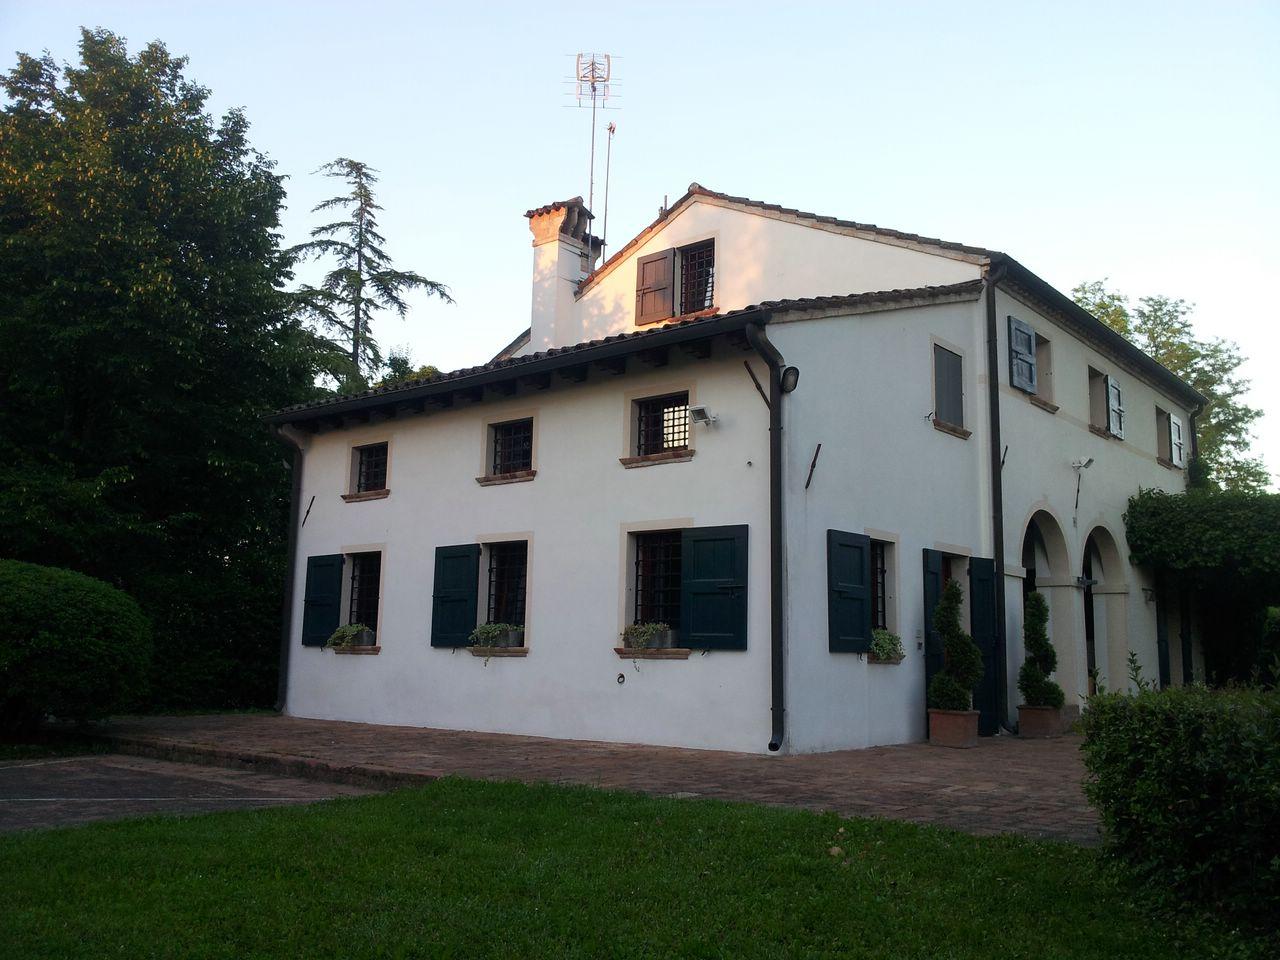 Rustico / Casale in affitto a Monastier di Treviso, 10 locali, zona Località: ChiesaVecchia, prezzo € 1.700 | Cambio Casa.it